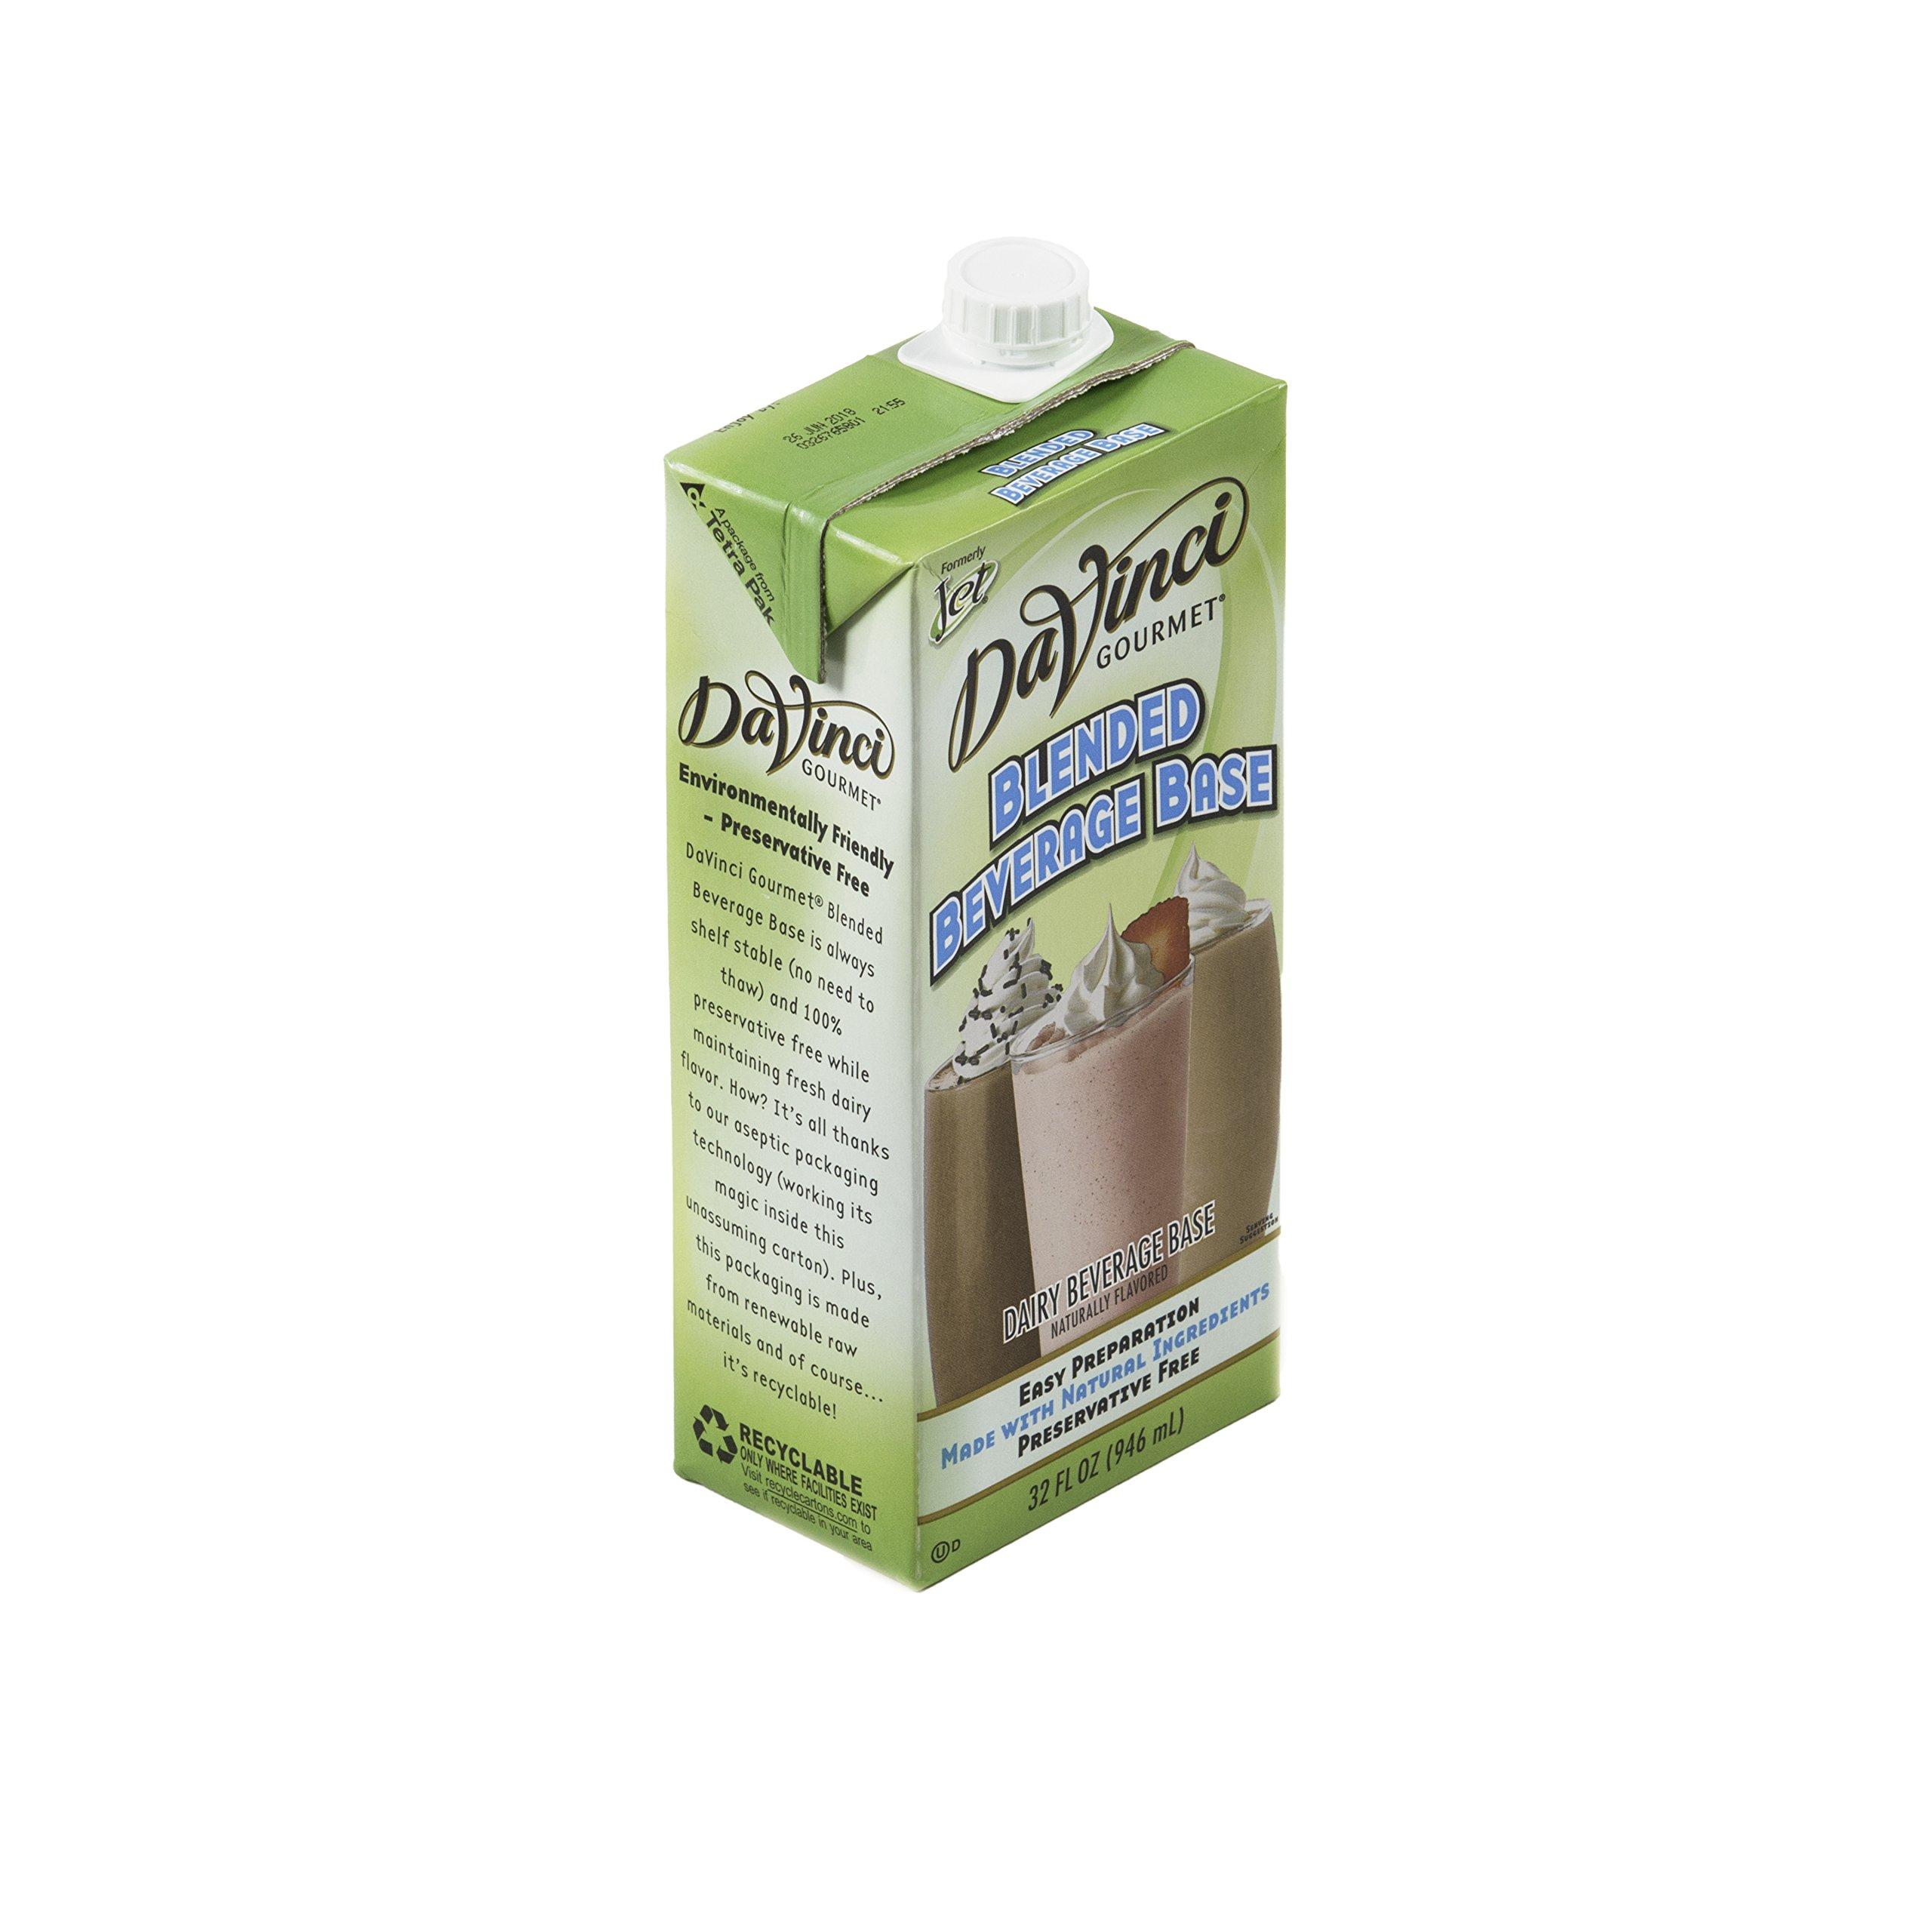 Davinci Gourmet Blended Beverage Base 32 oz, Pack of 12